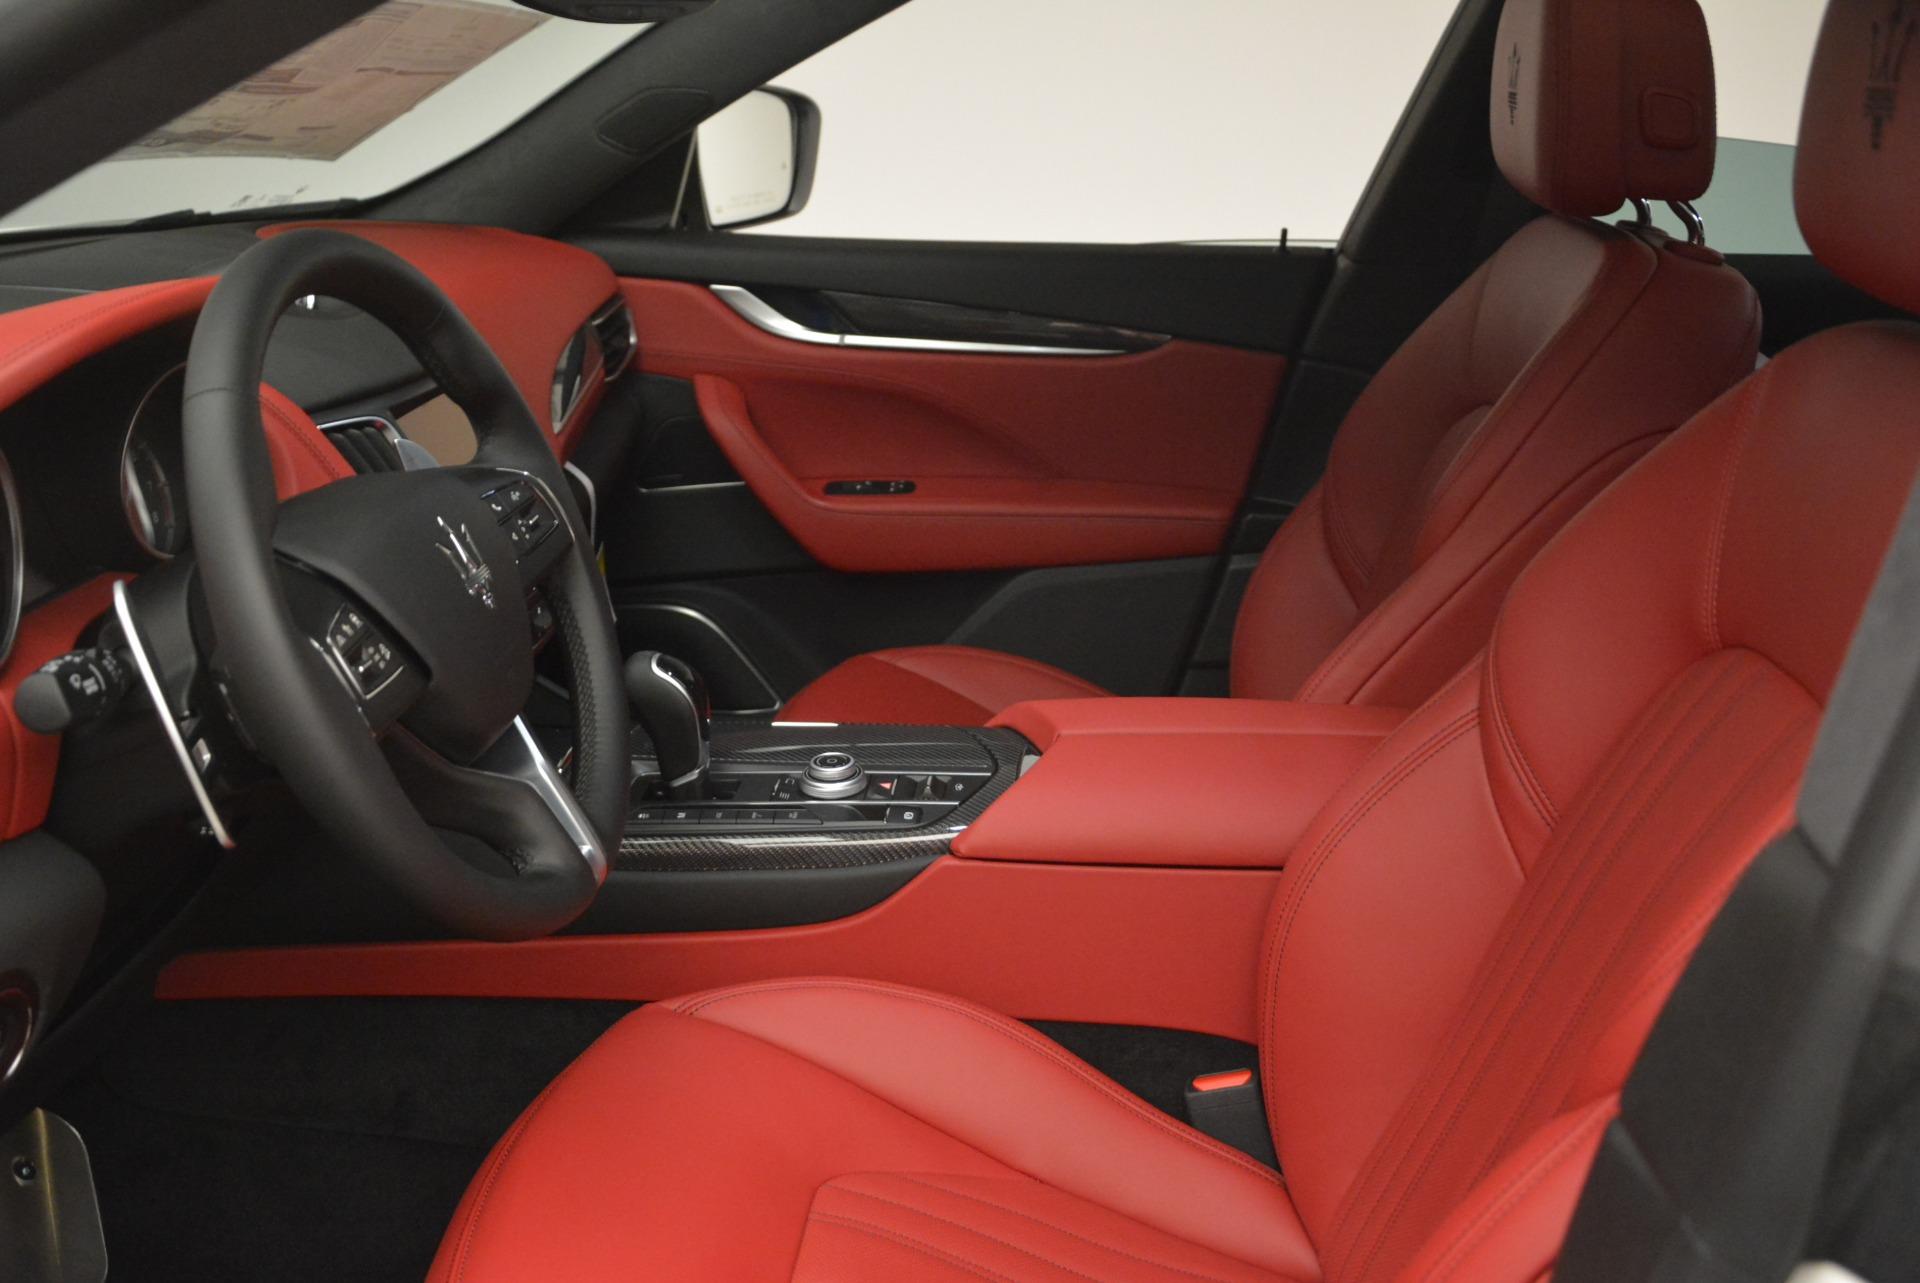 New 2019 Maserati Levante S Q4 GranLusso For Sale In Greenwich, CT 3003_p14